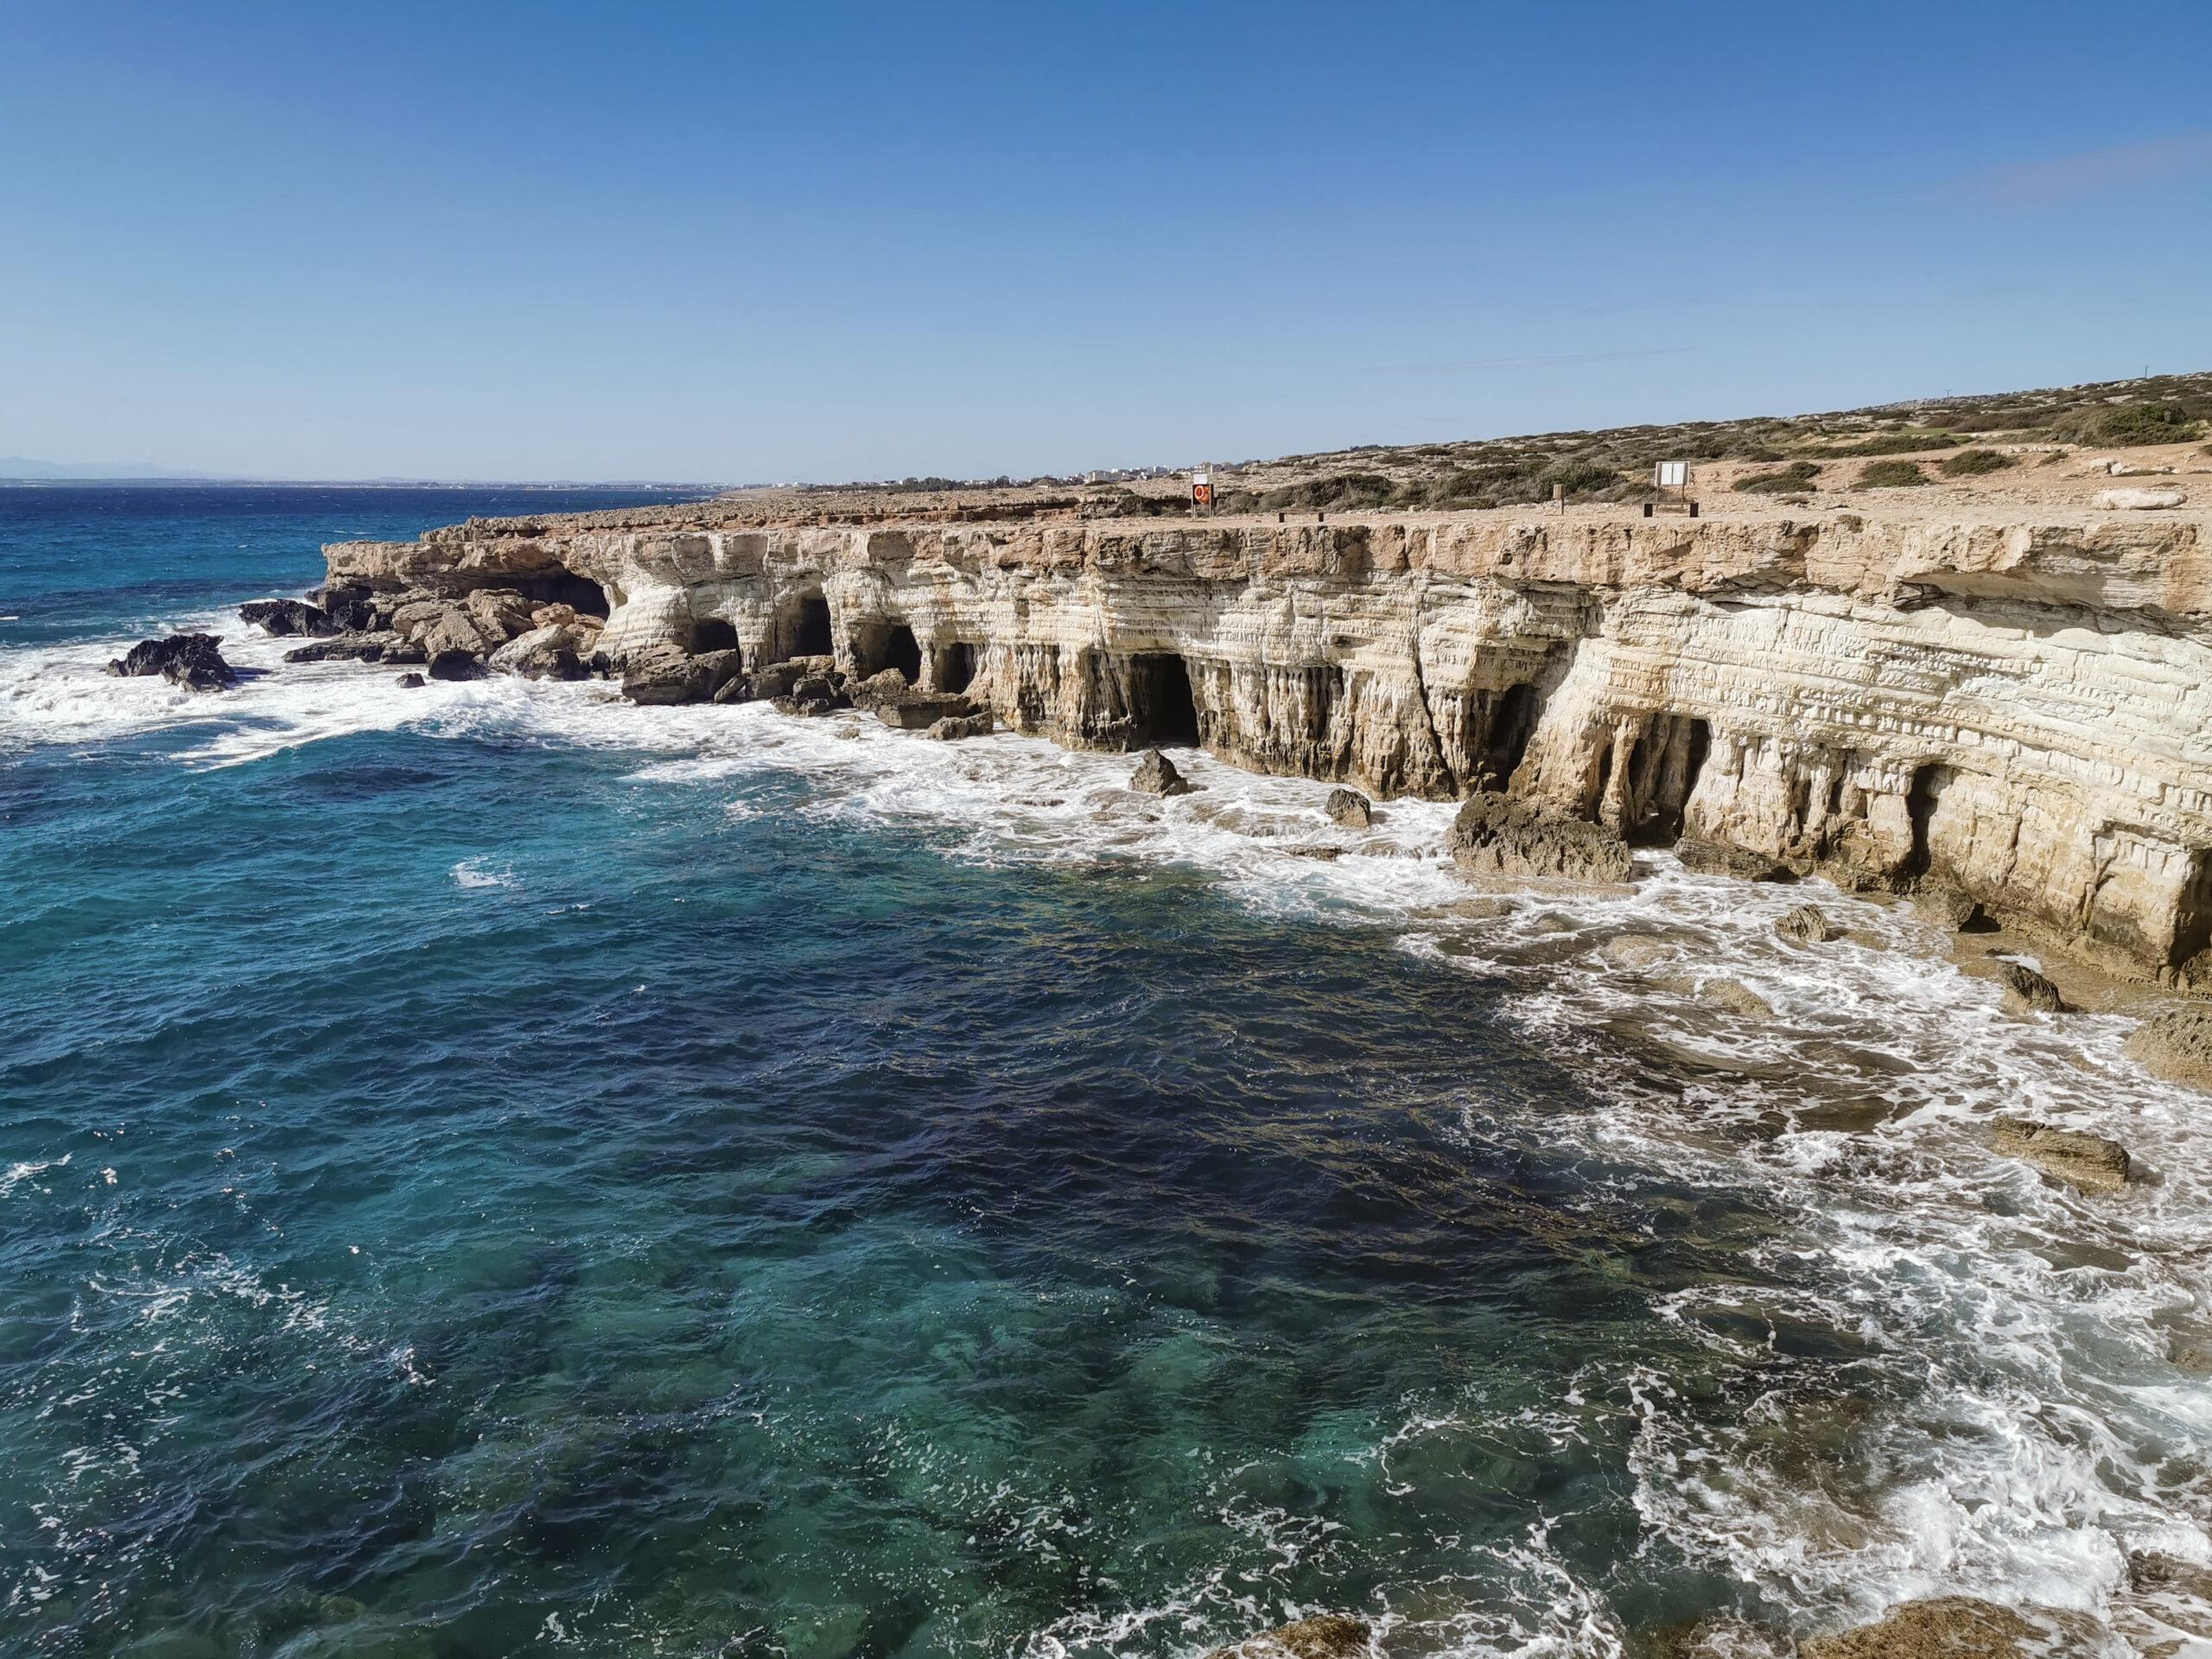 Cypr Cape Greco